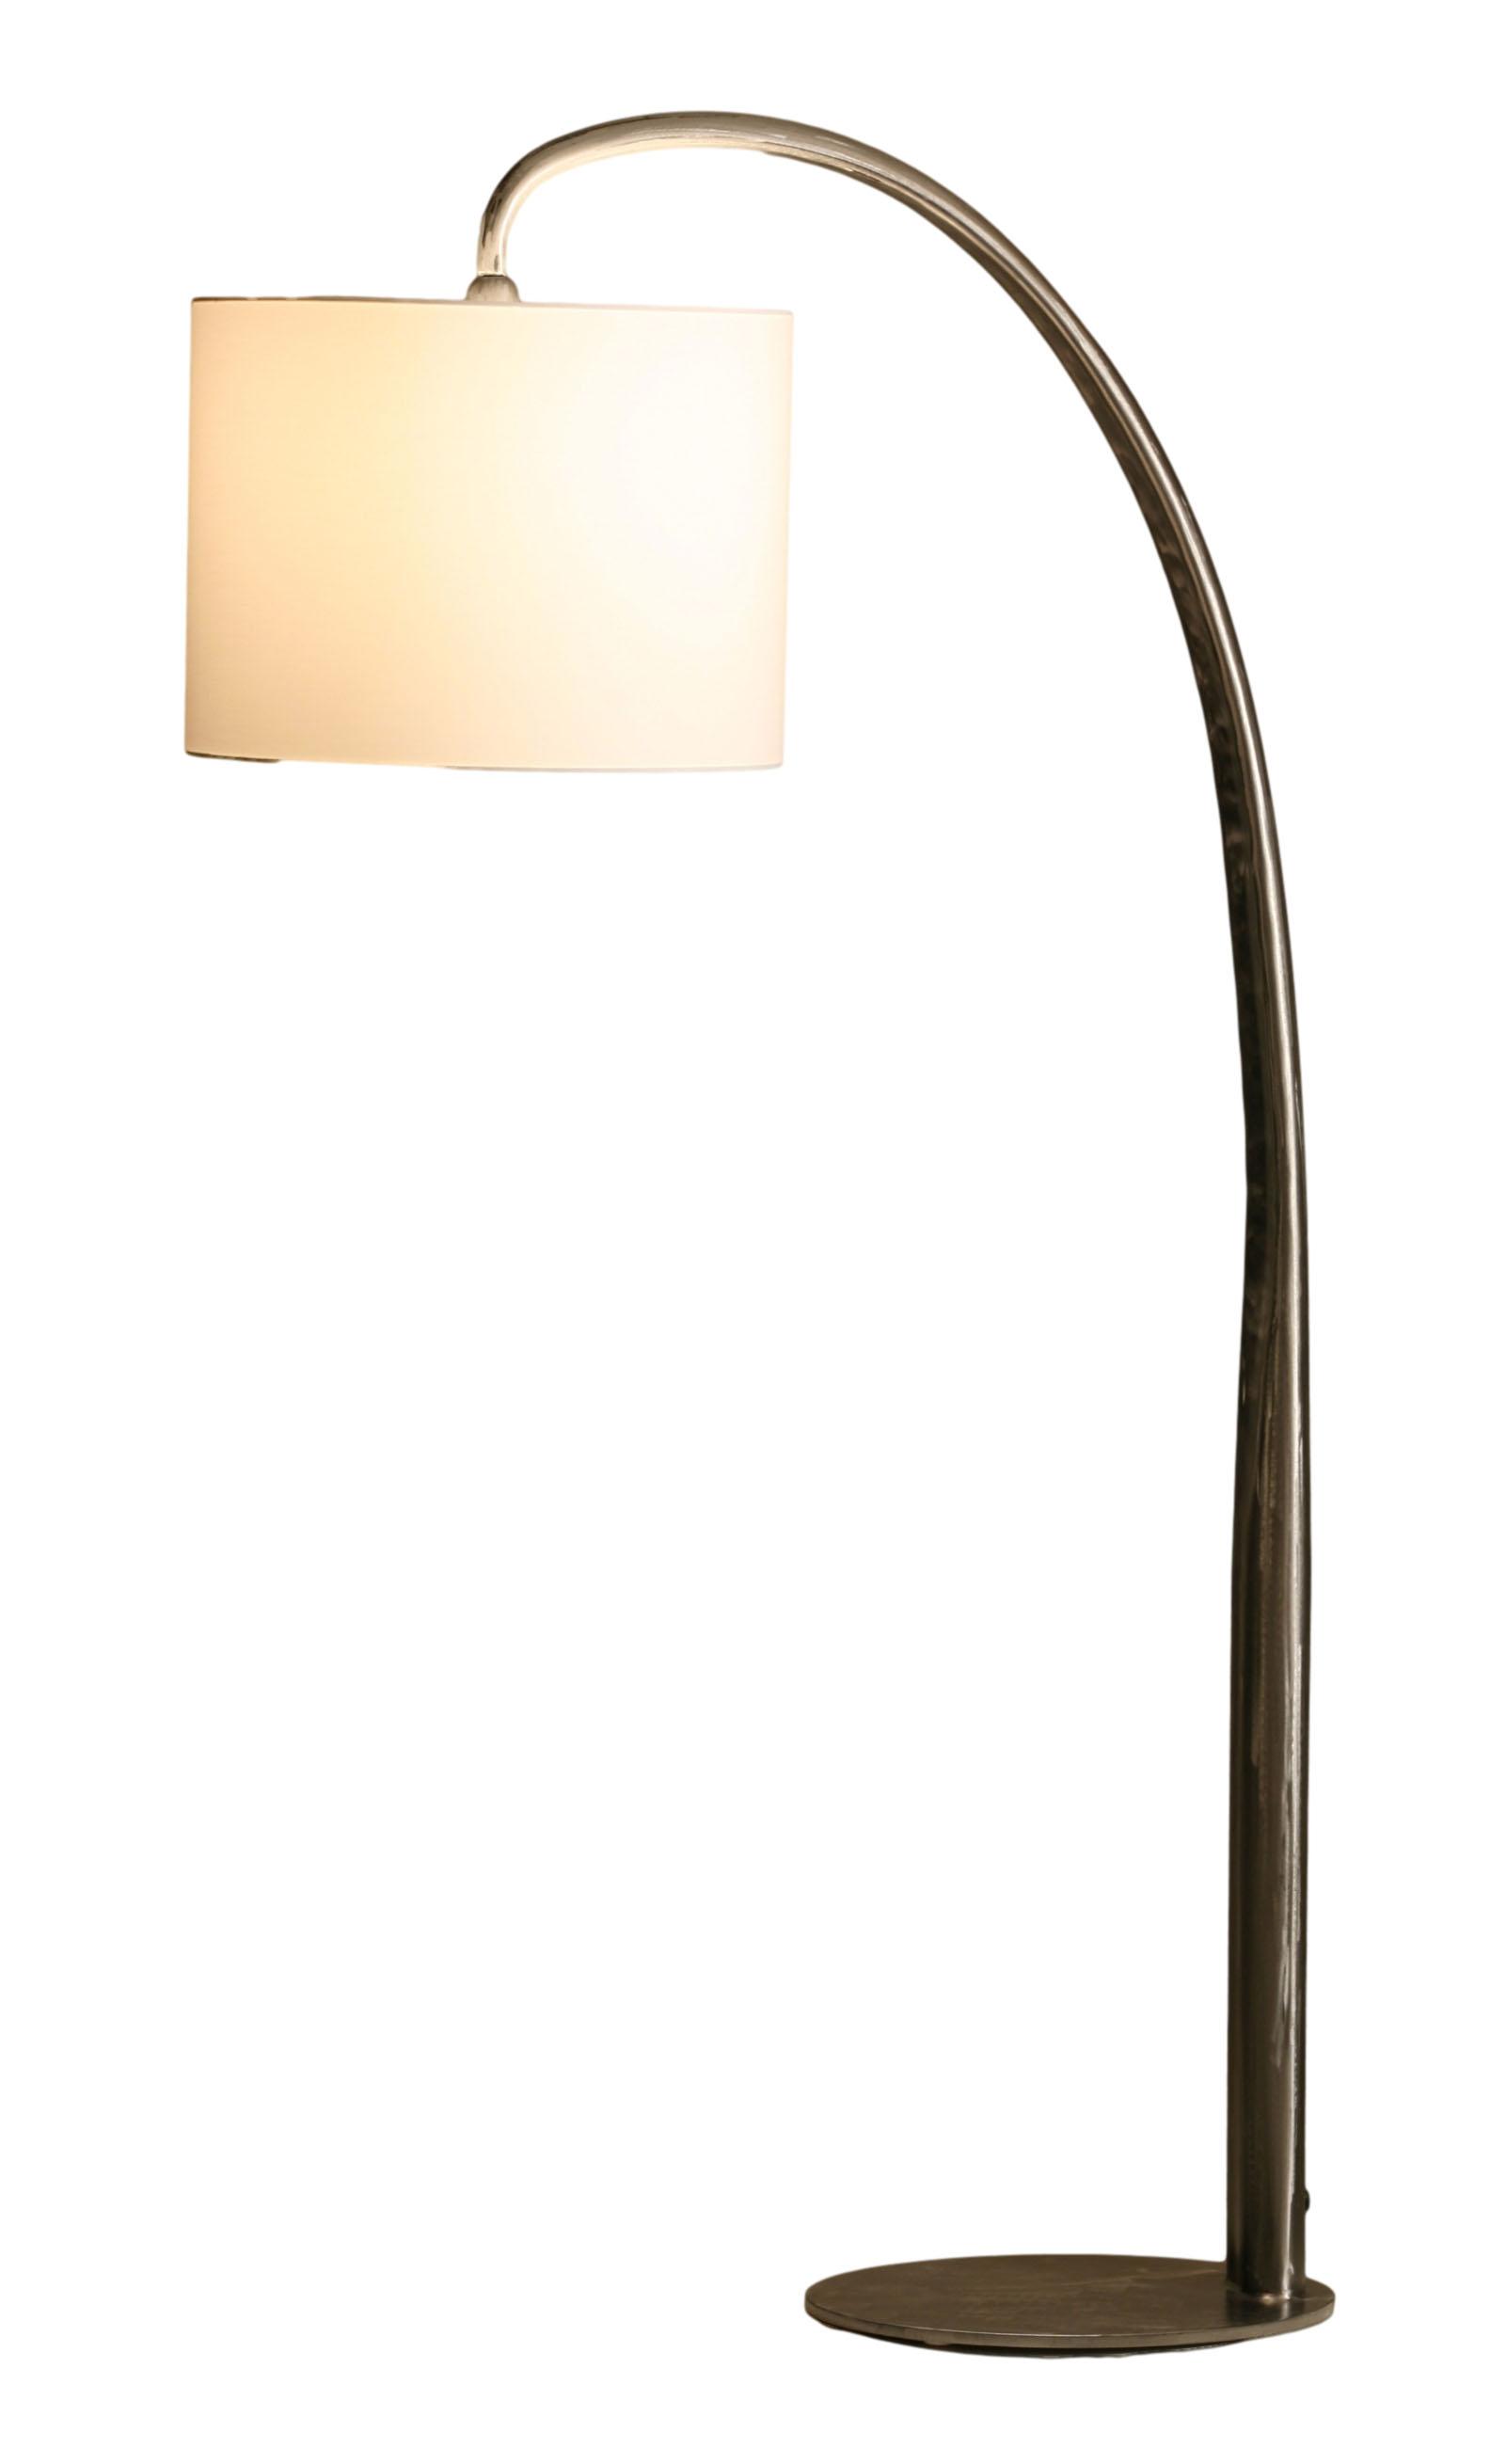 Stout Verlichting Collectie Sfeerfoto Vloerlamp curve 1L